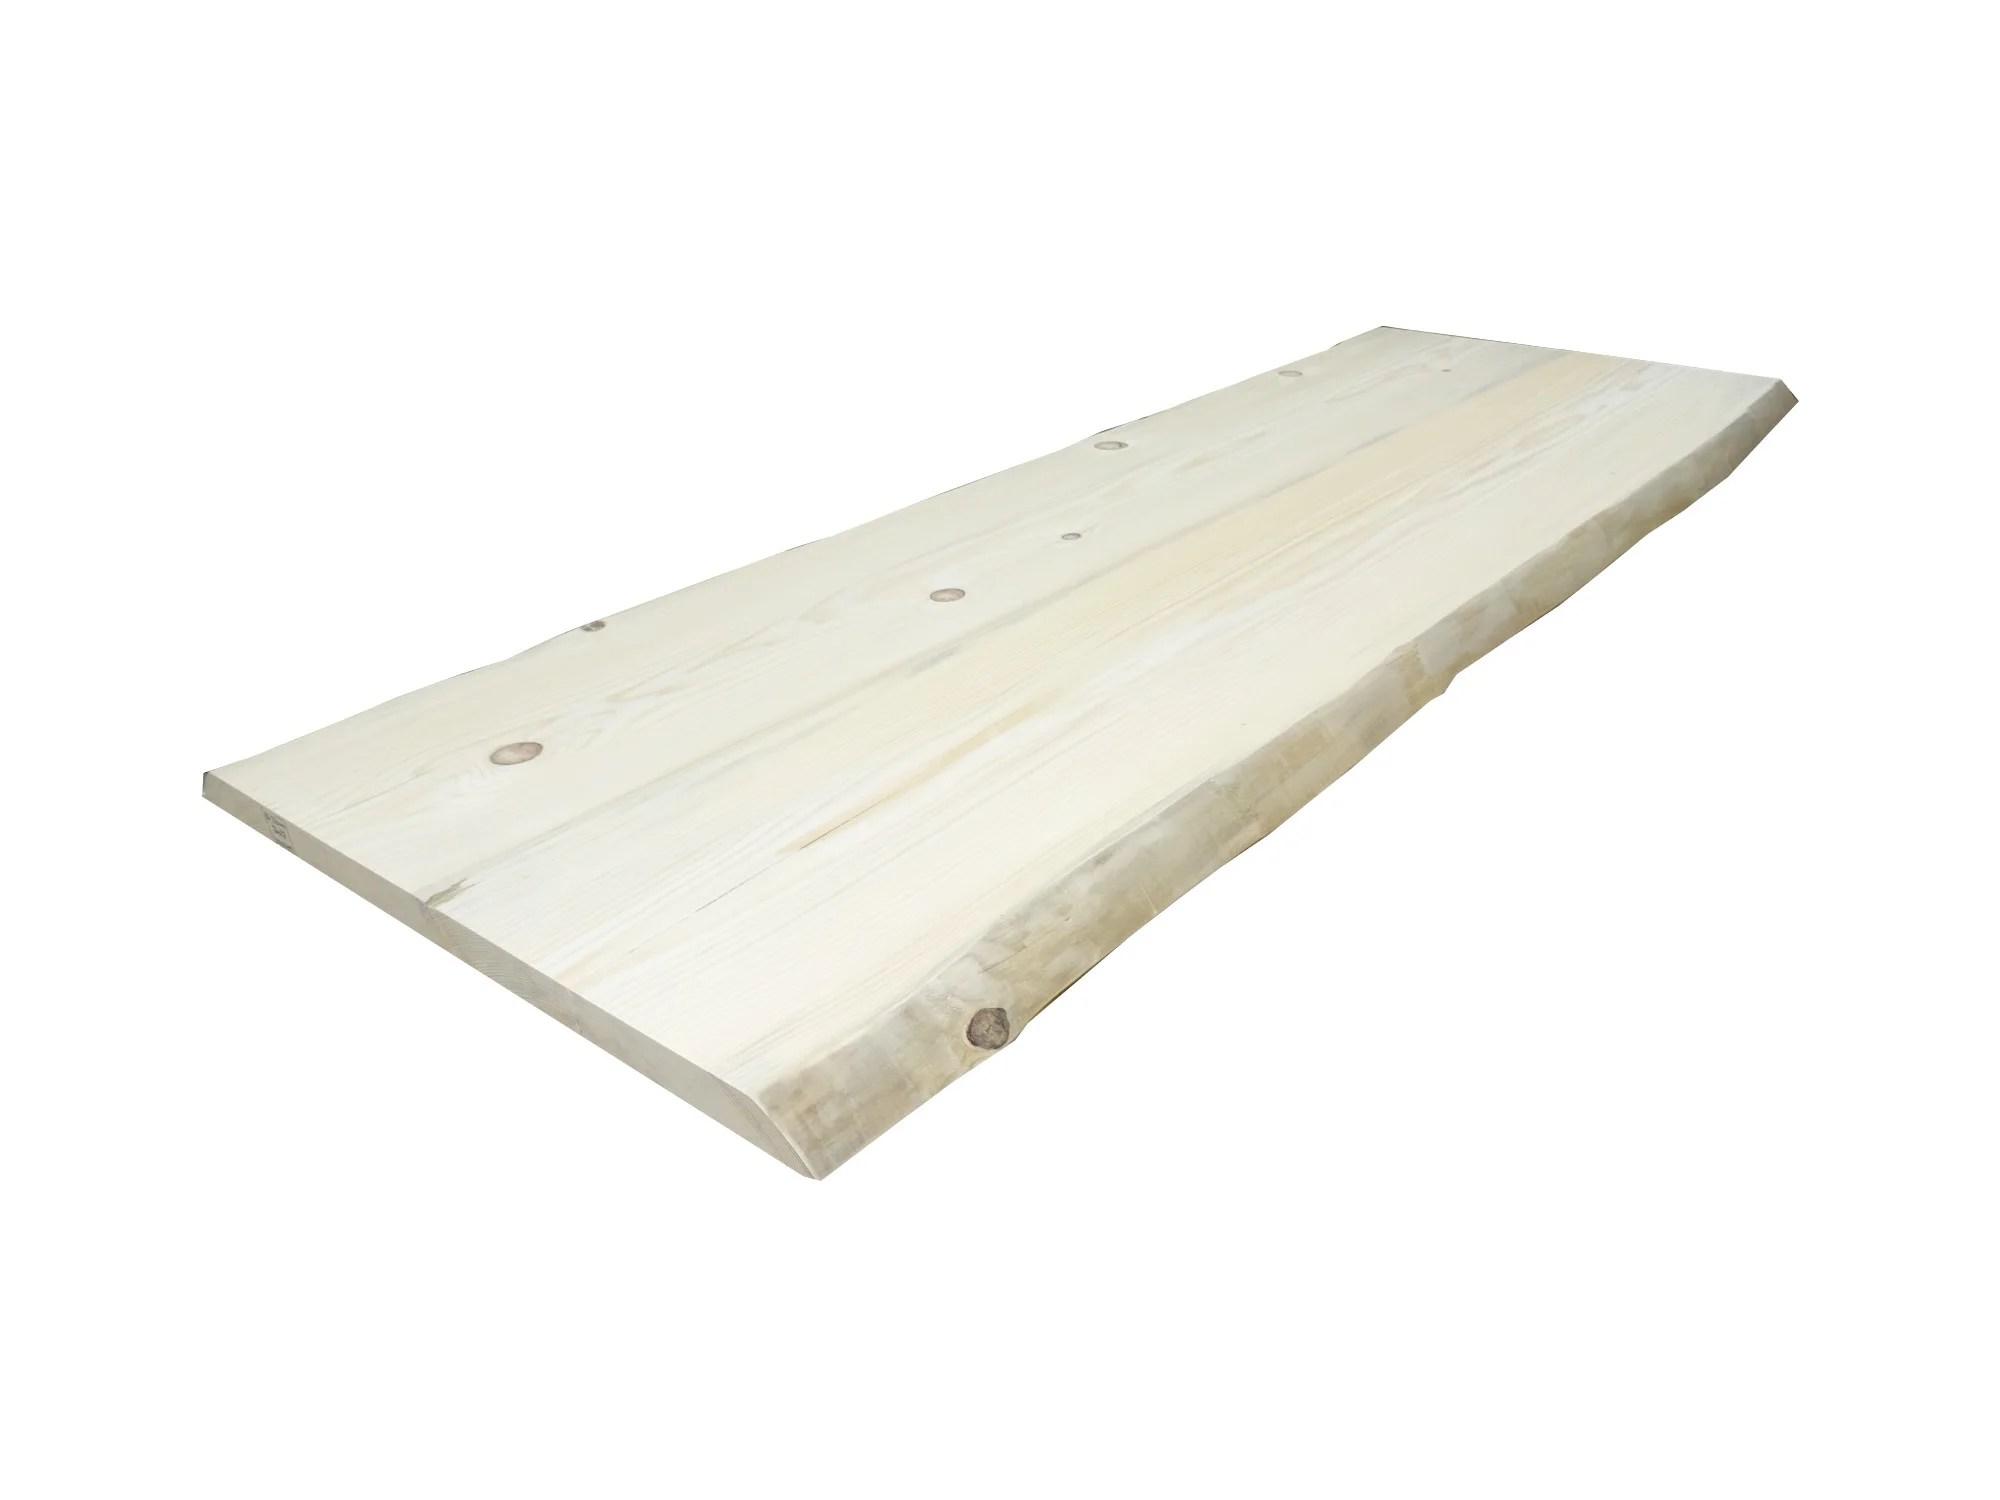 planche de bois brut l 90 x l 200 cm x ep 45 mm